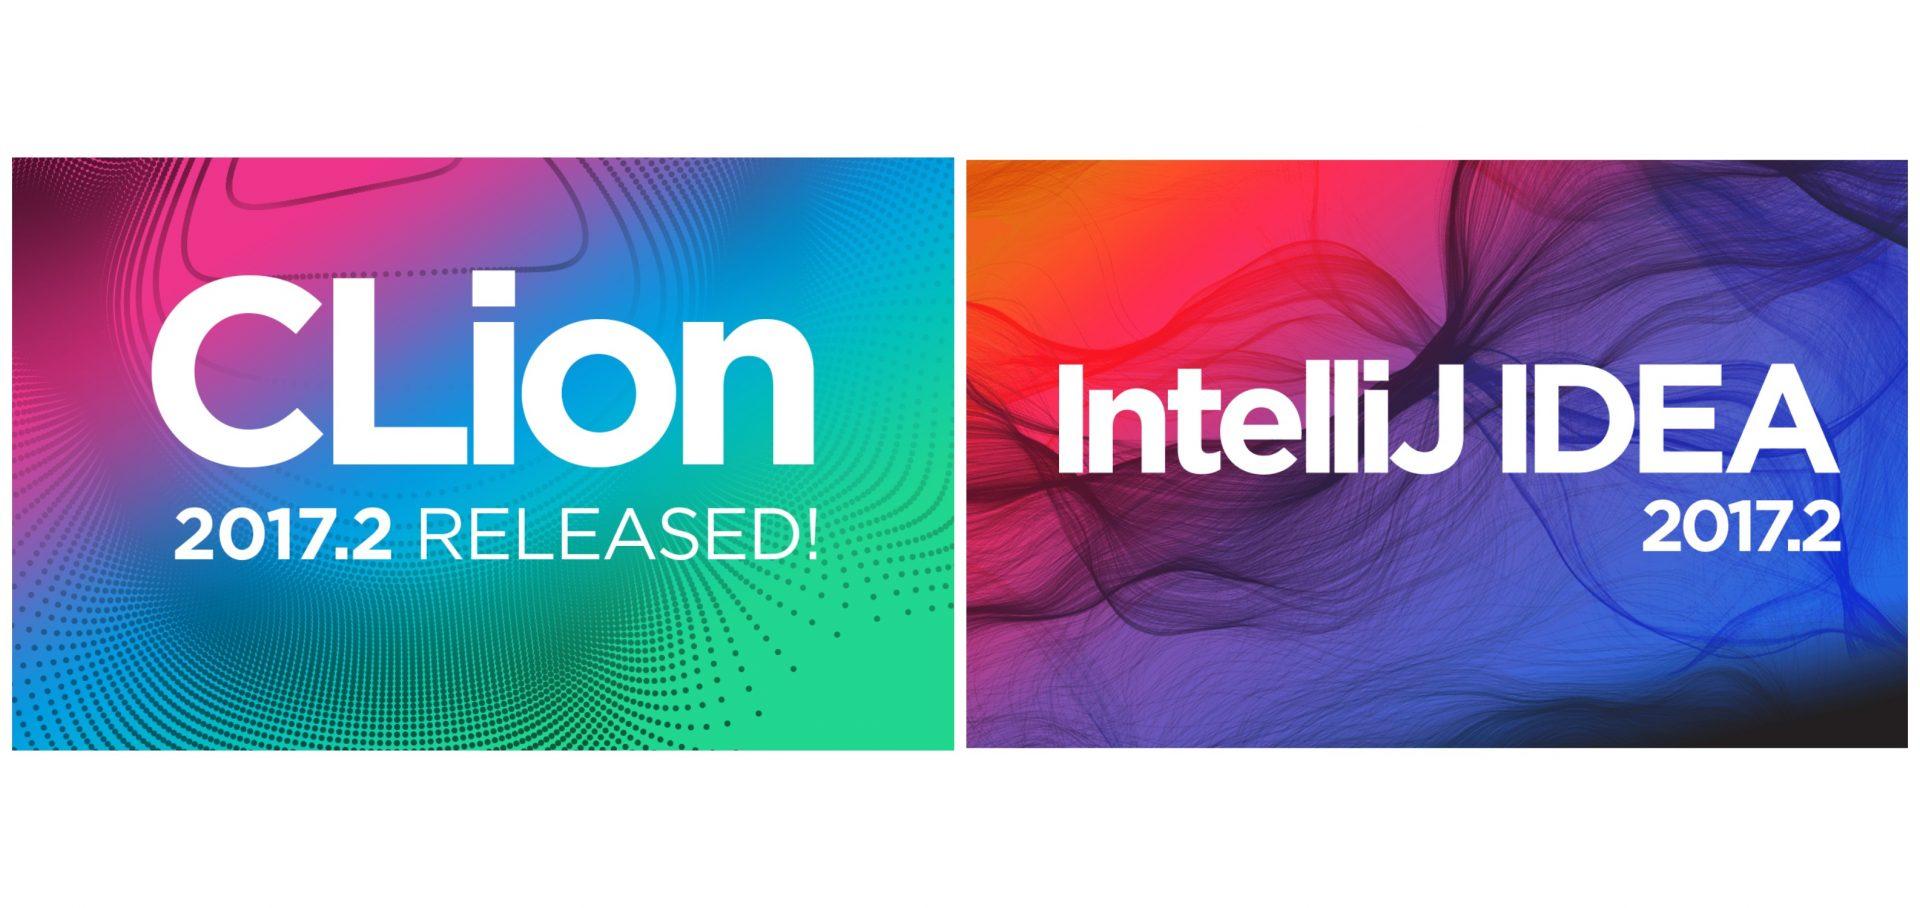 C Lion Review JetBrains updates CLio...